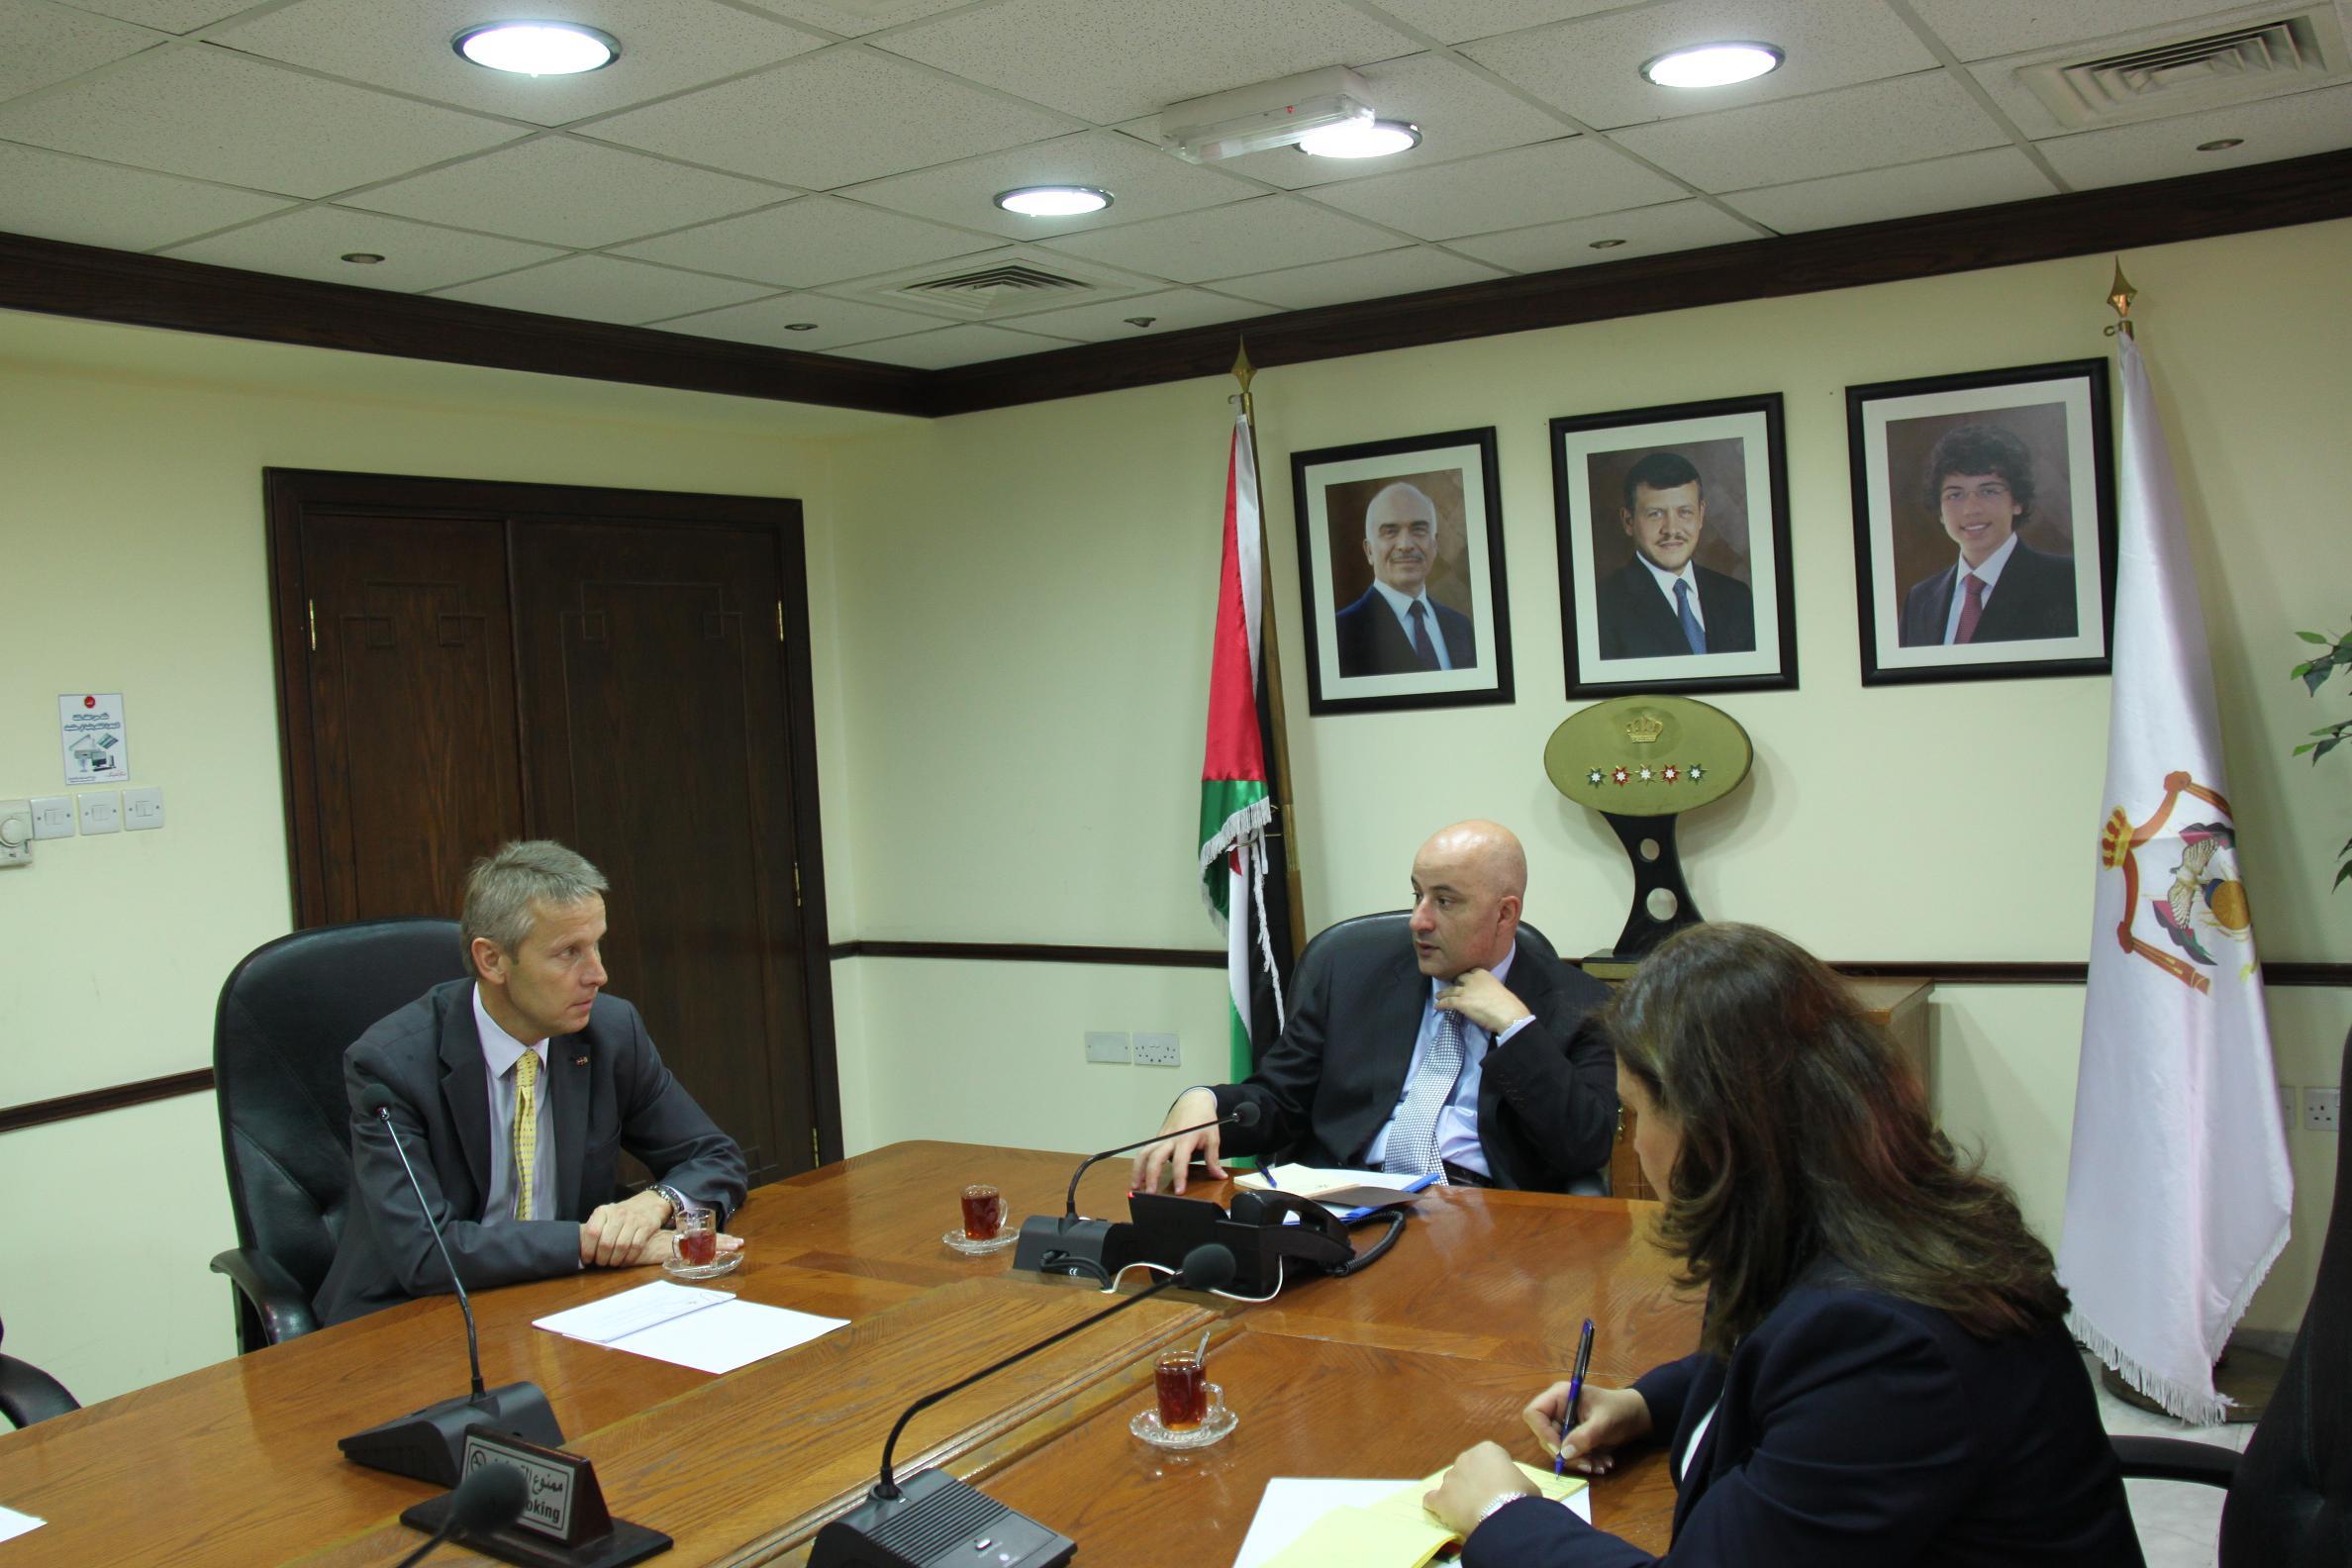 Bilaterales Treffen mit dem jordanischen Industrieminister (C) Sven Pöllauer